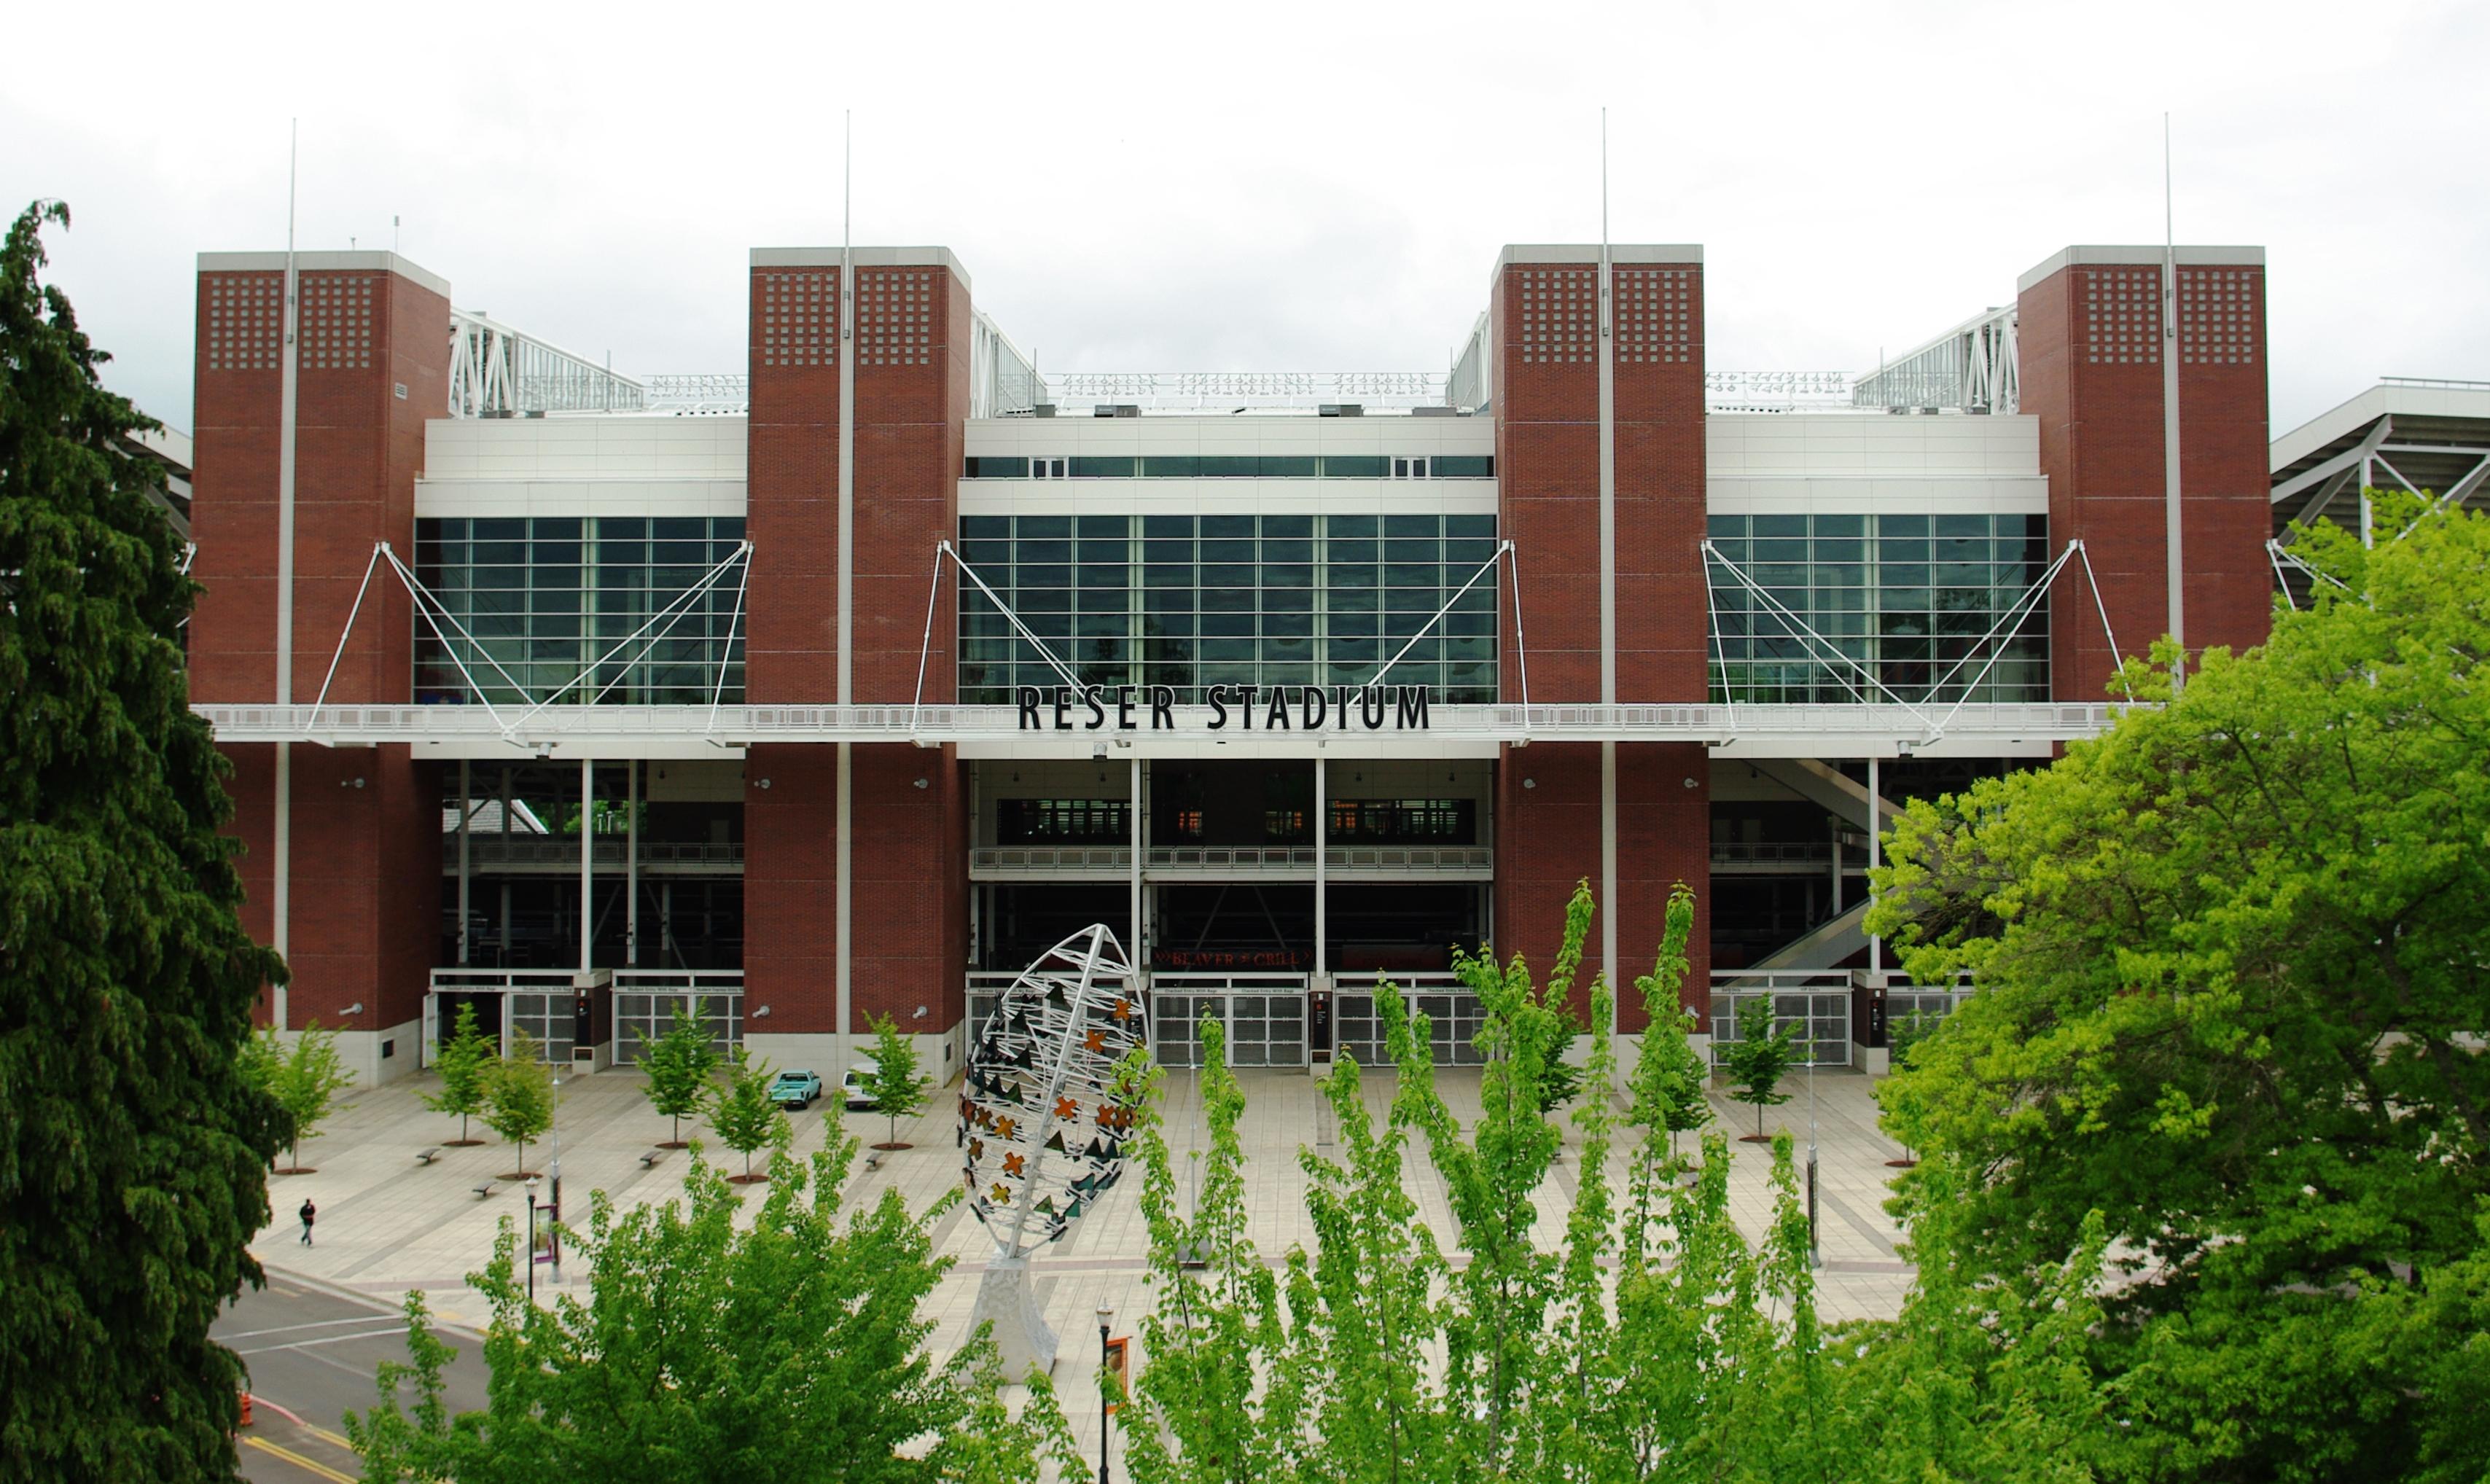 File Reser Stadium entrance JPG